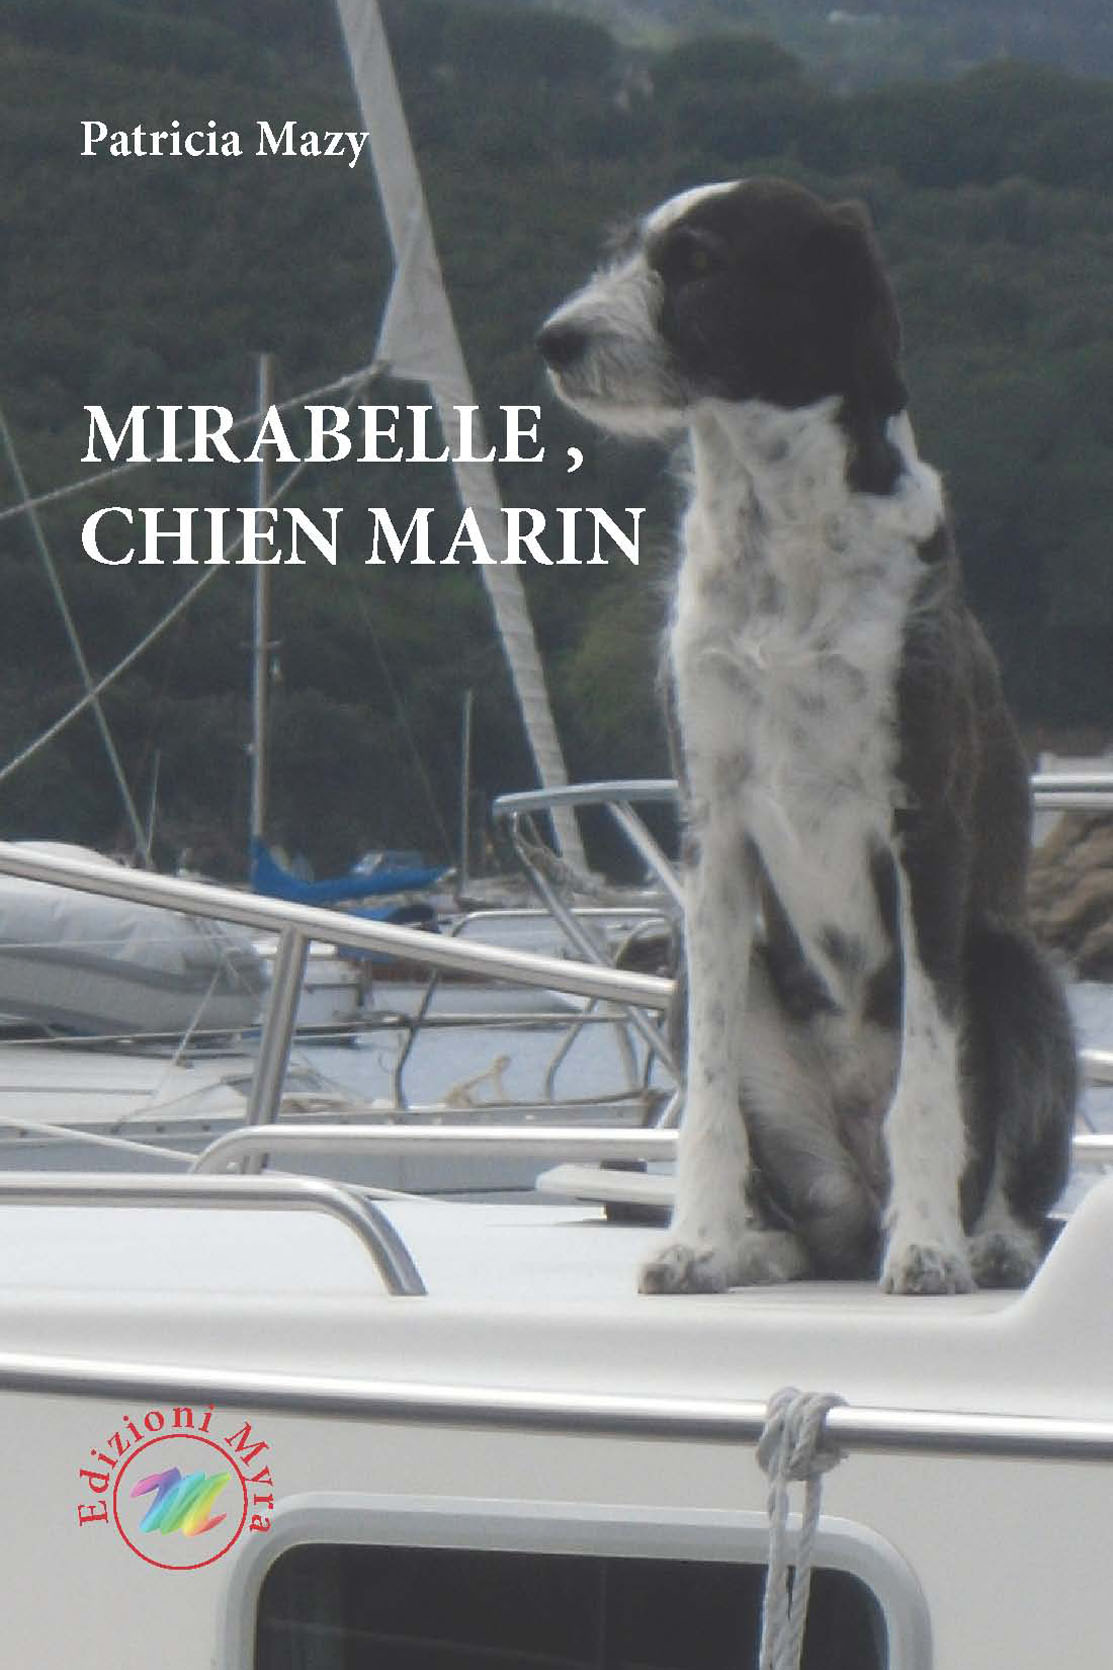 Mirabelle, chien marin